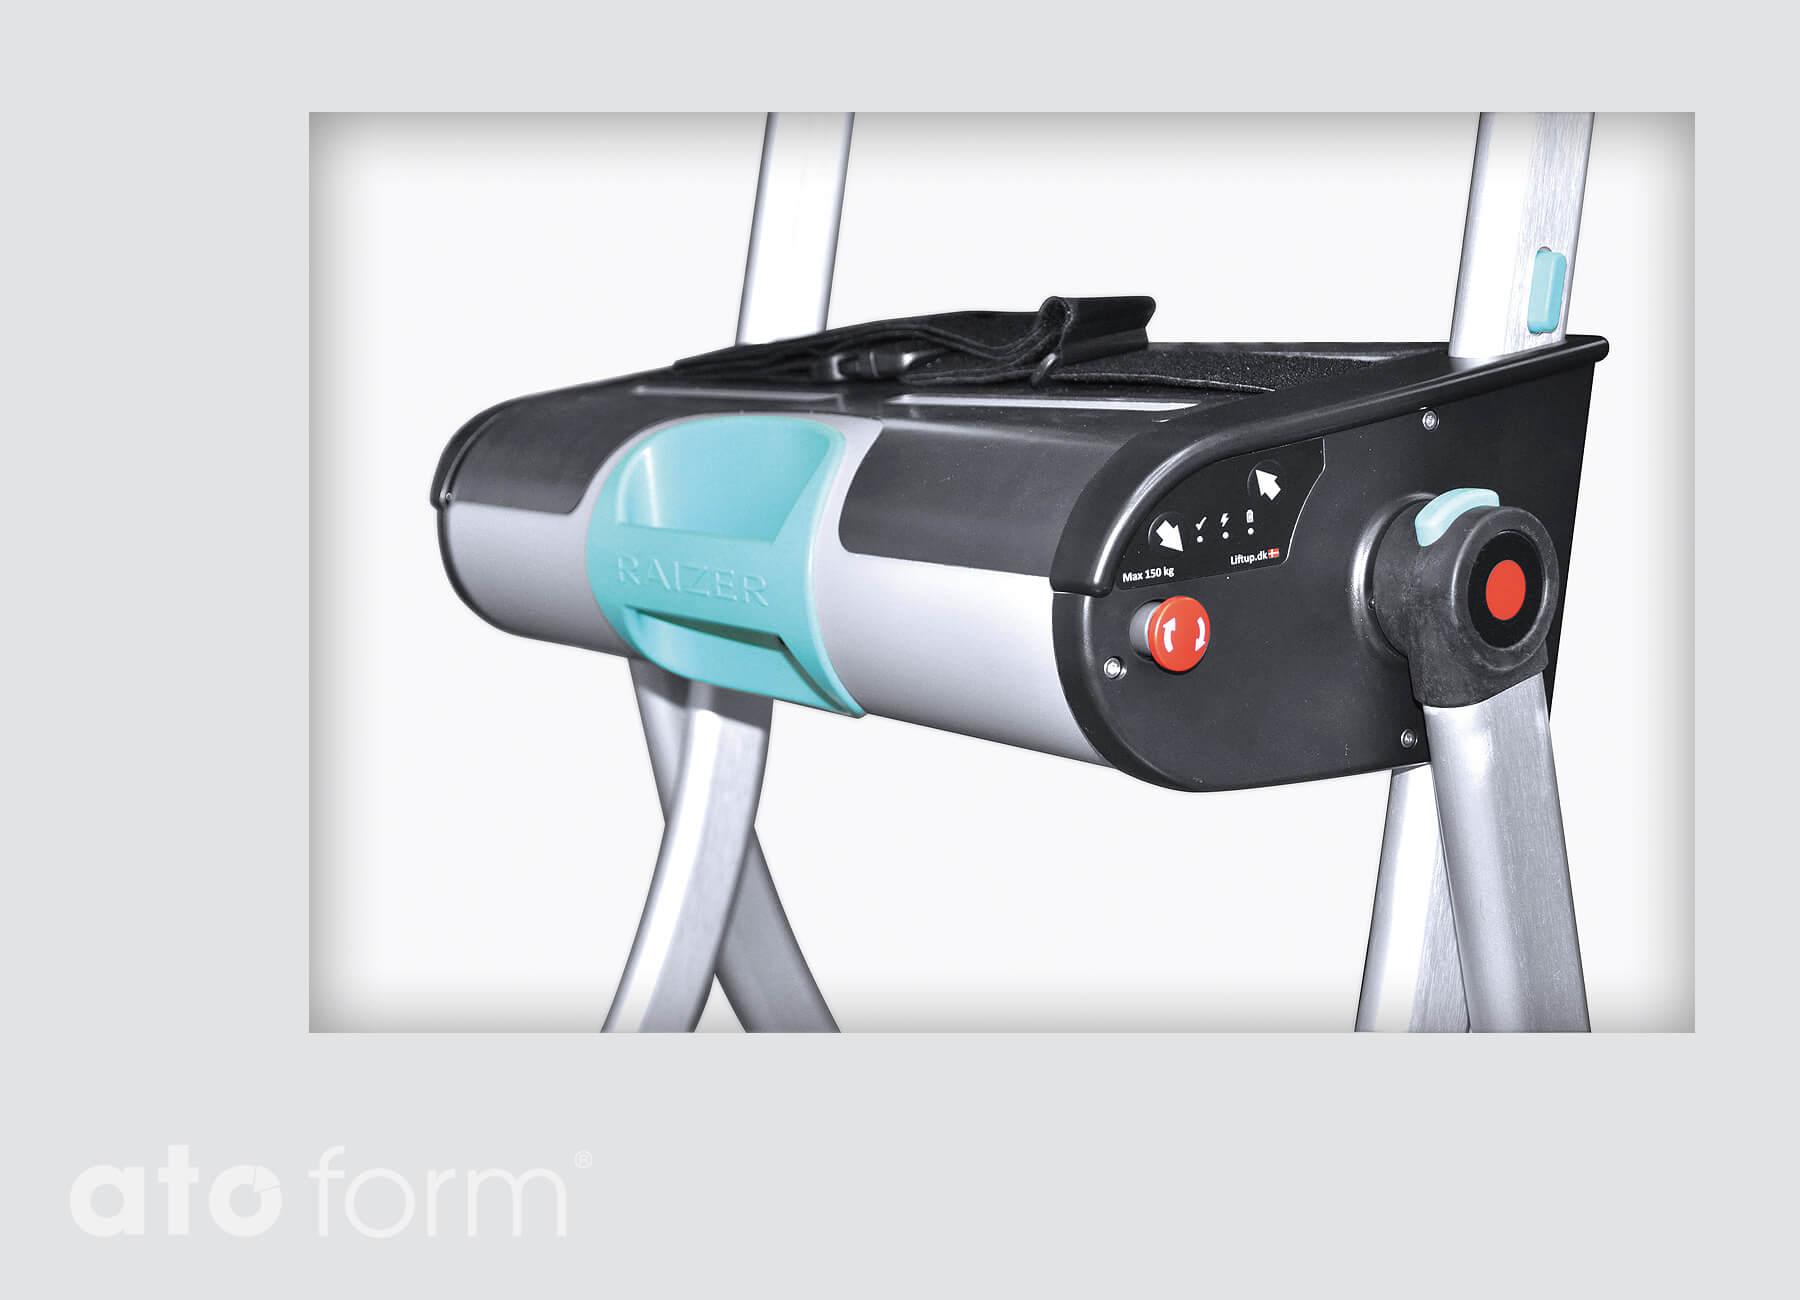 Vouwstoel 150 Kg.Raizer Mobiele Hefstoel Voor Transfer Van De Vloer Tot Zitten Of Staan